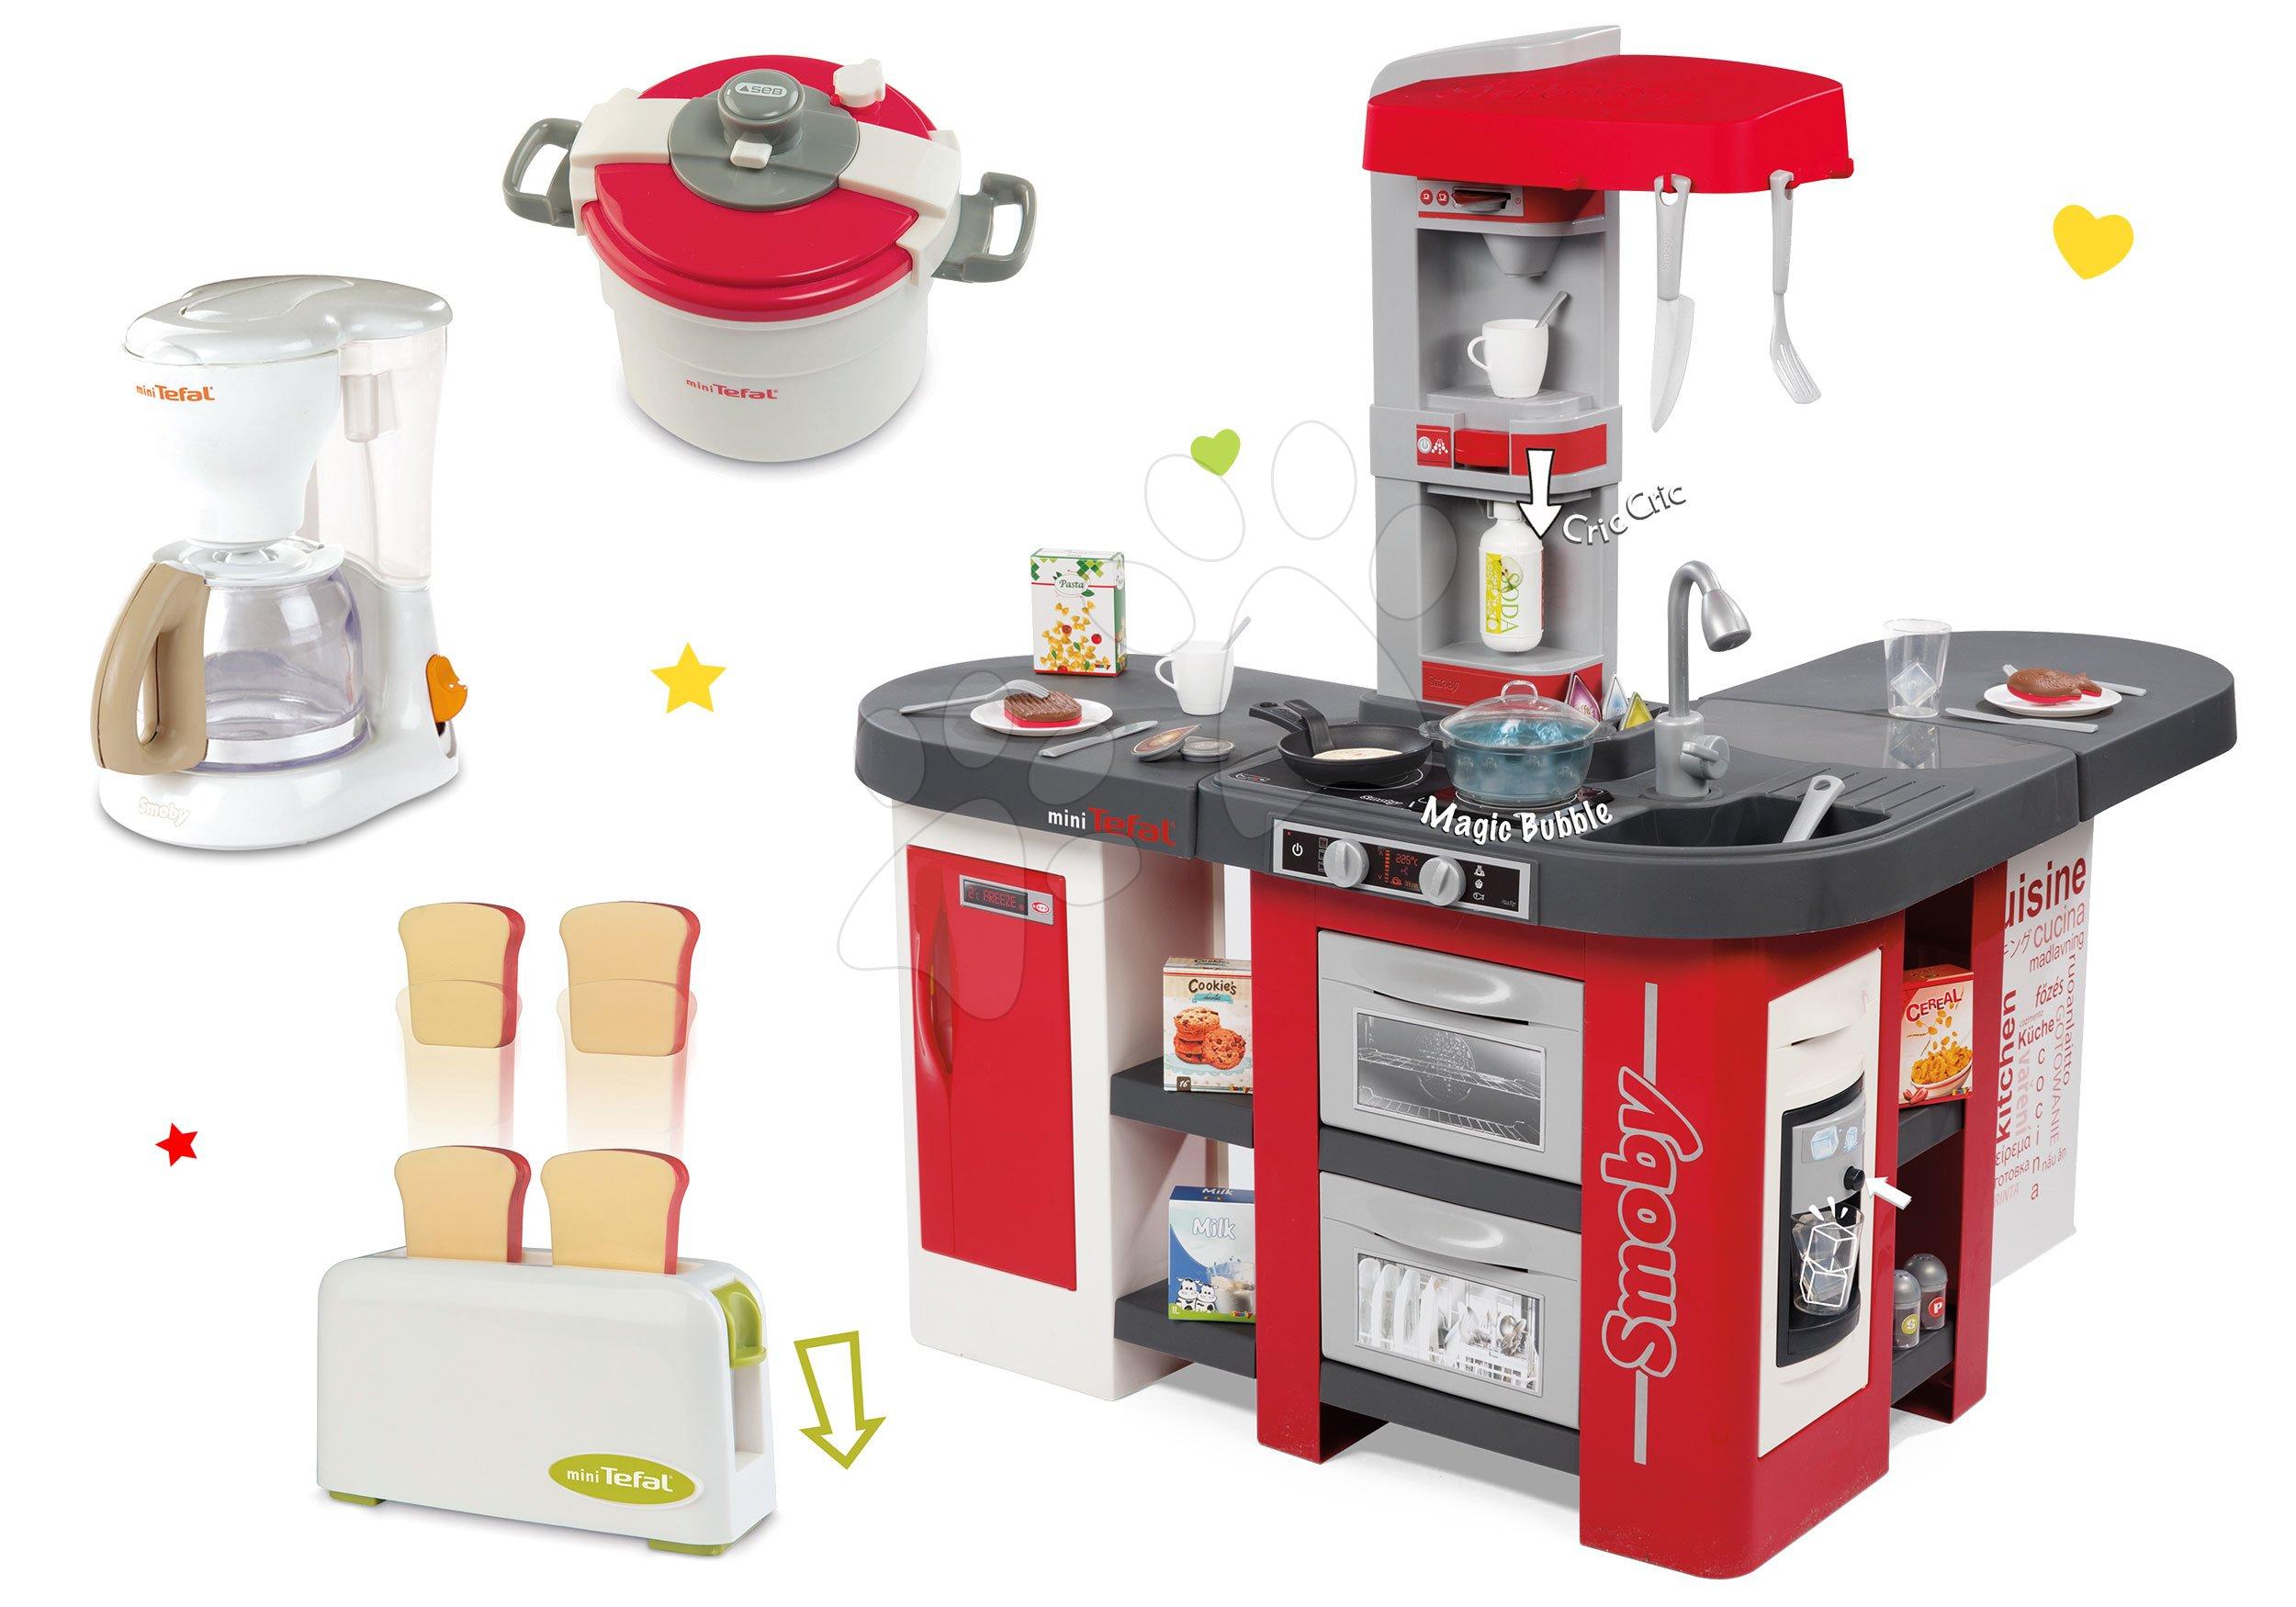 Set kuchyňka Tefal Studio XXL Smoby s magickým bubláním a 3 kuchyňské spotřebiče